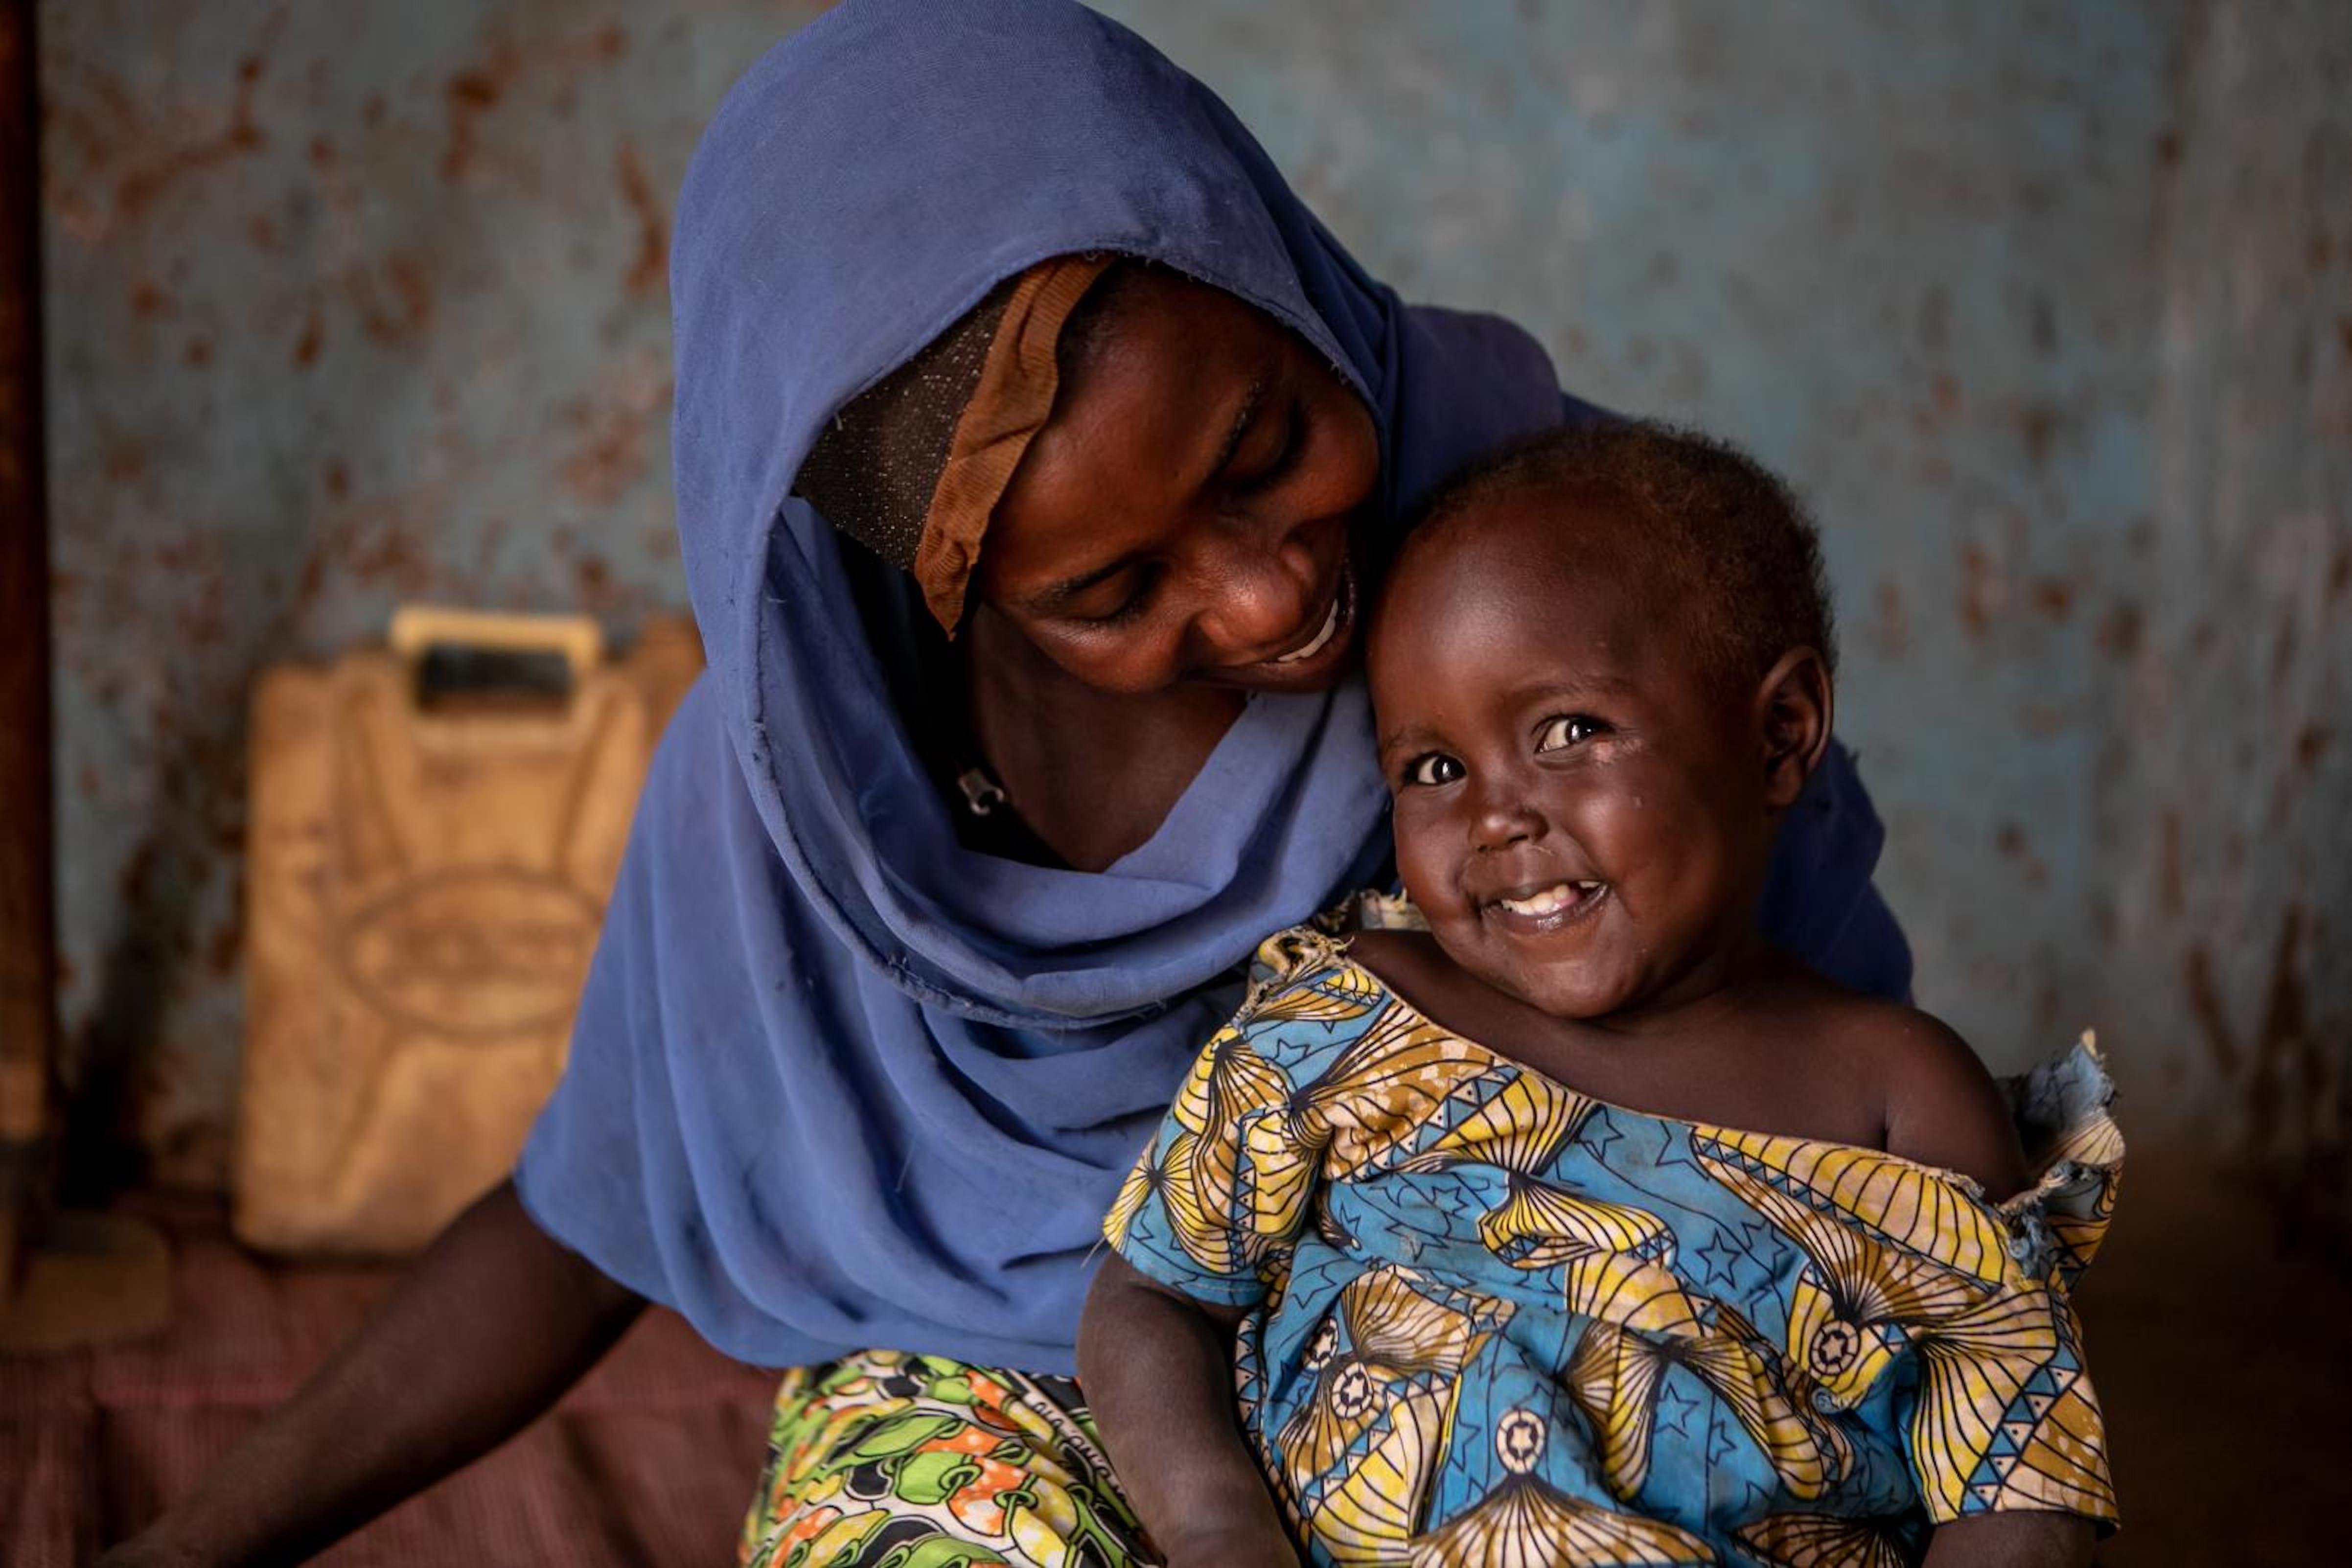 Kabiite Ajara (32anni) aiuta Nuriet (2anni 8mesi) a prendere la sua medicina contro l'HIV. Nuriet e Kabiite hanno entrambe l'HIV e hanno bisogno dei medicinali giornalmente.